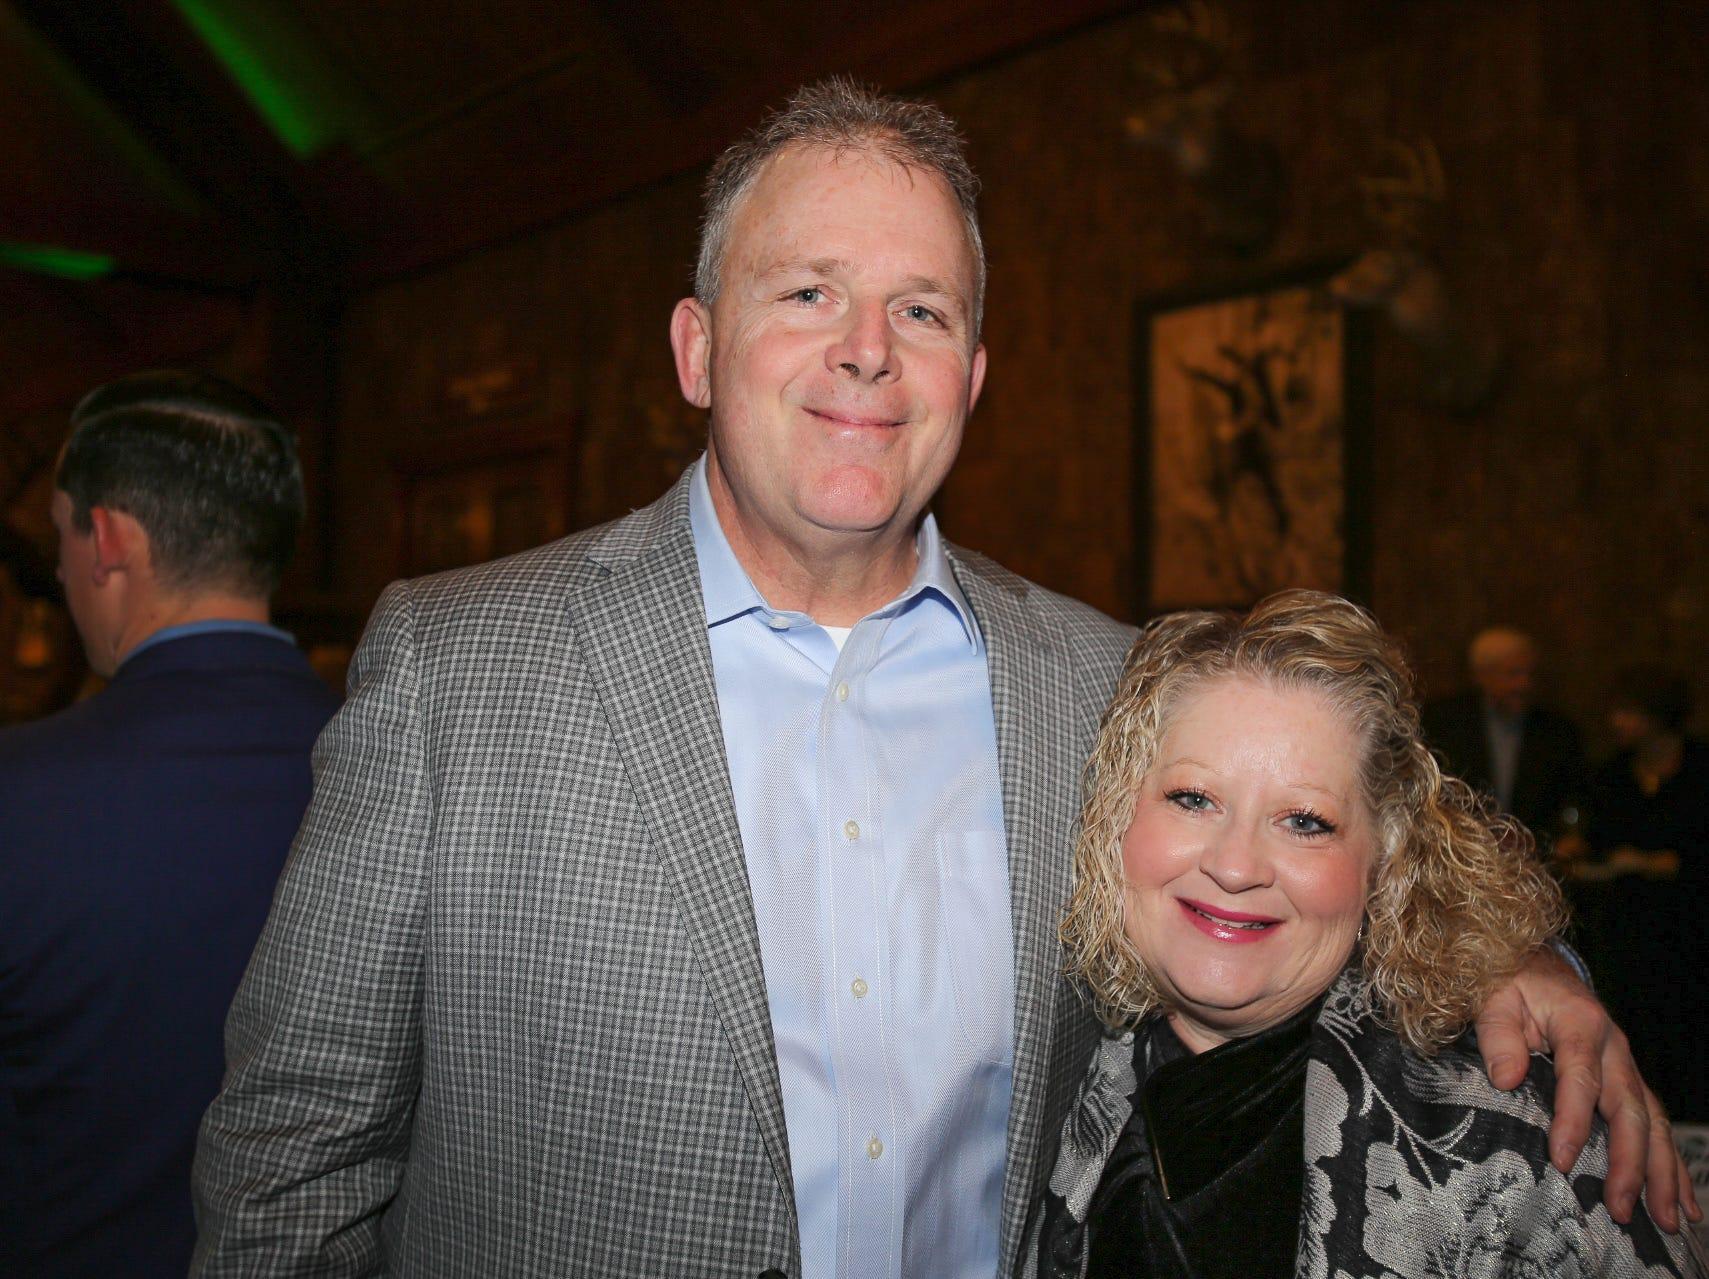 Jim and Lisa Hallam